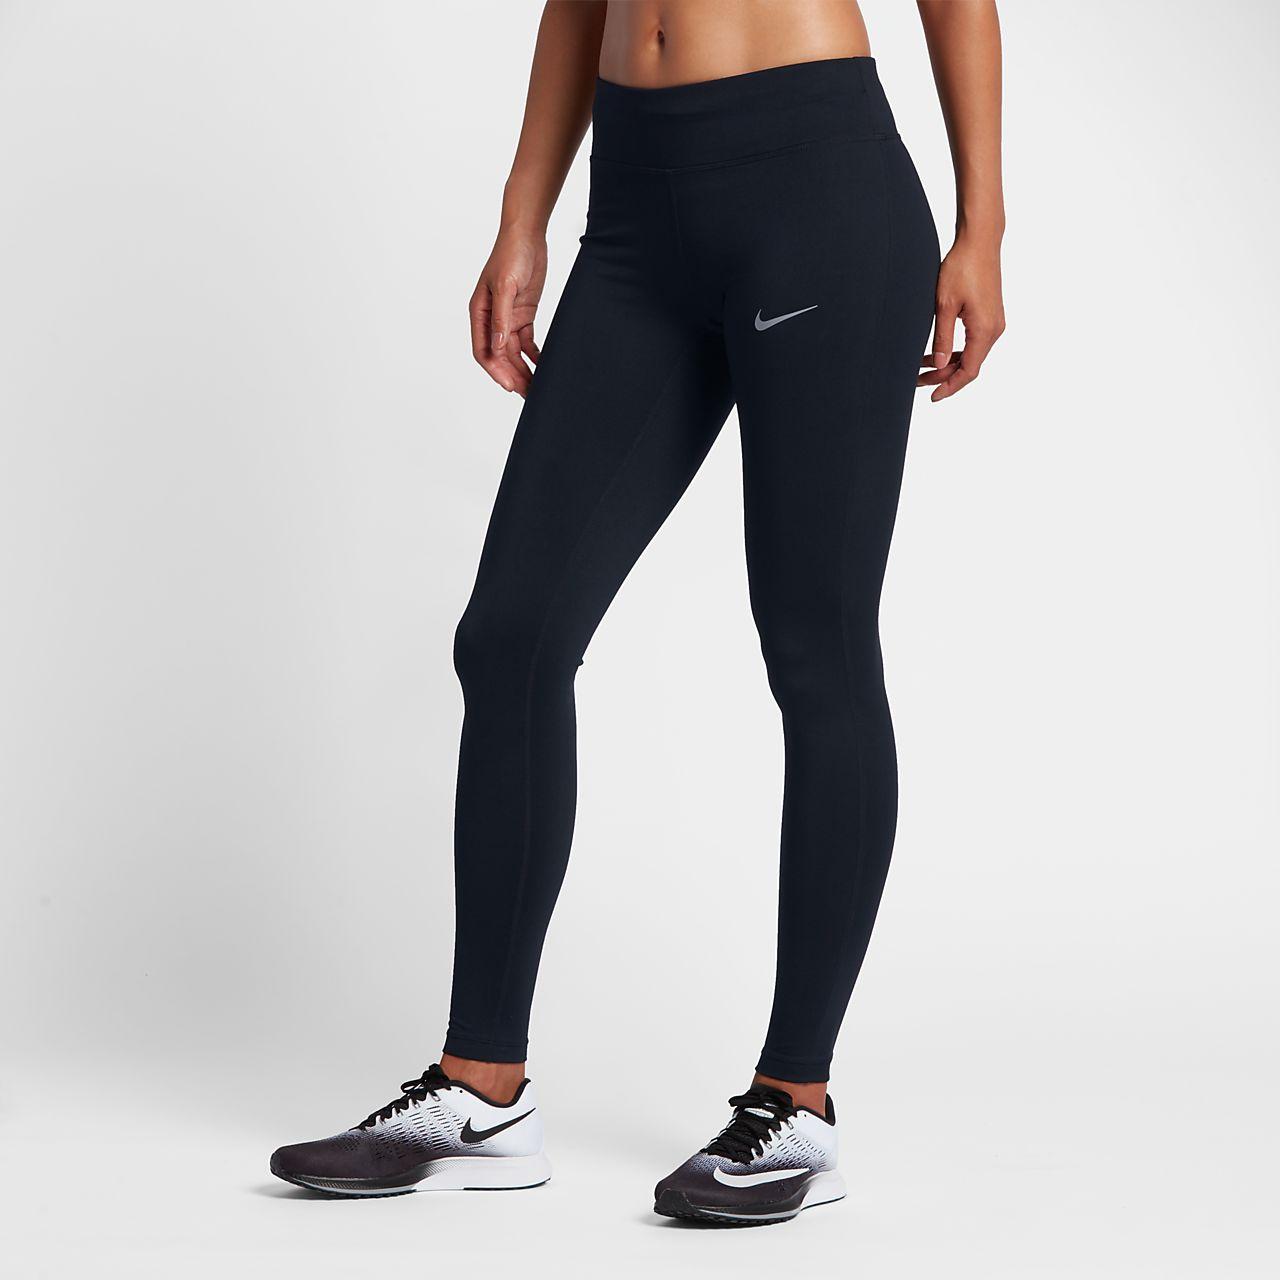 Nike Essential Malles de cintura mitjana de running - Dona